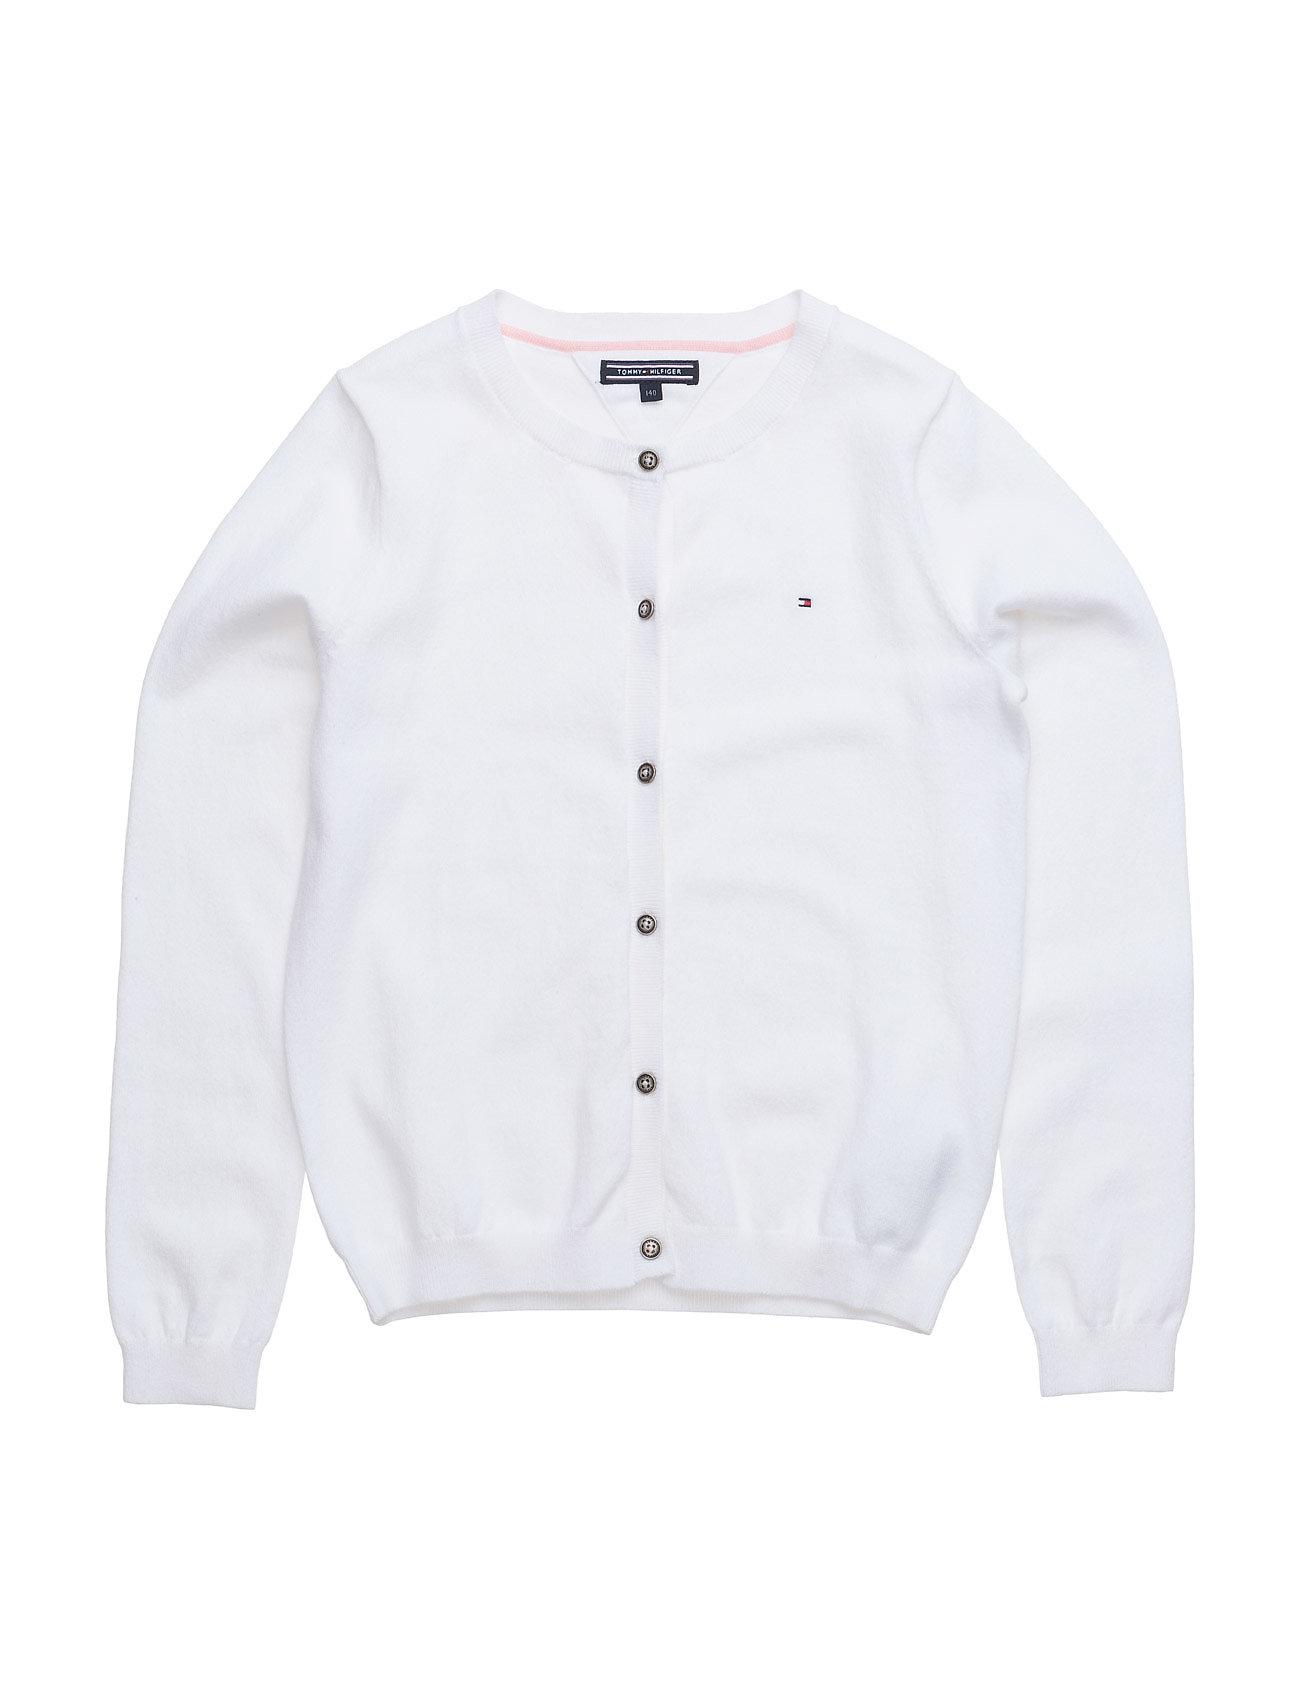 Ame Girls Cn Cardigan L/S Tommy Hilfiger  til Børn i hvid